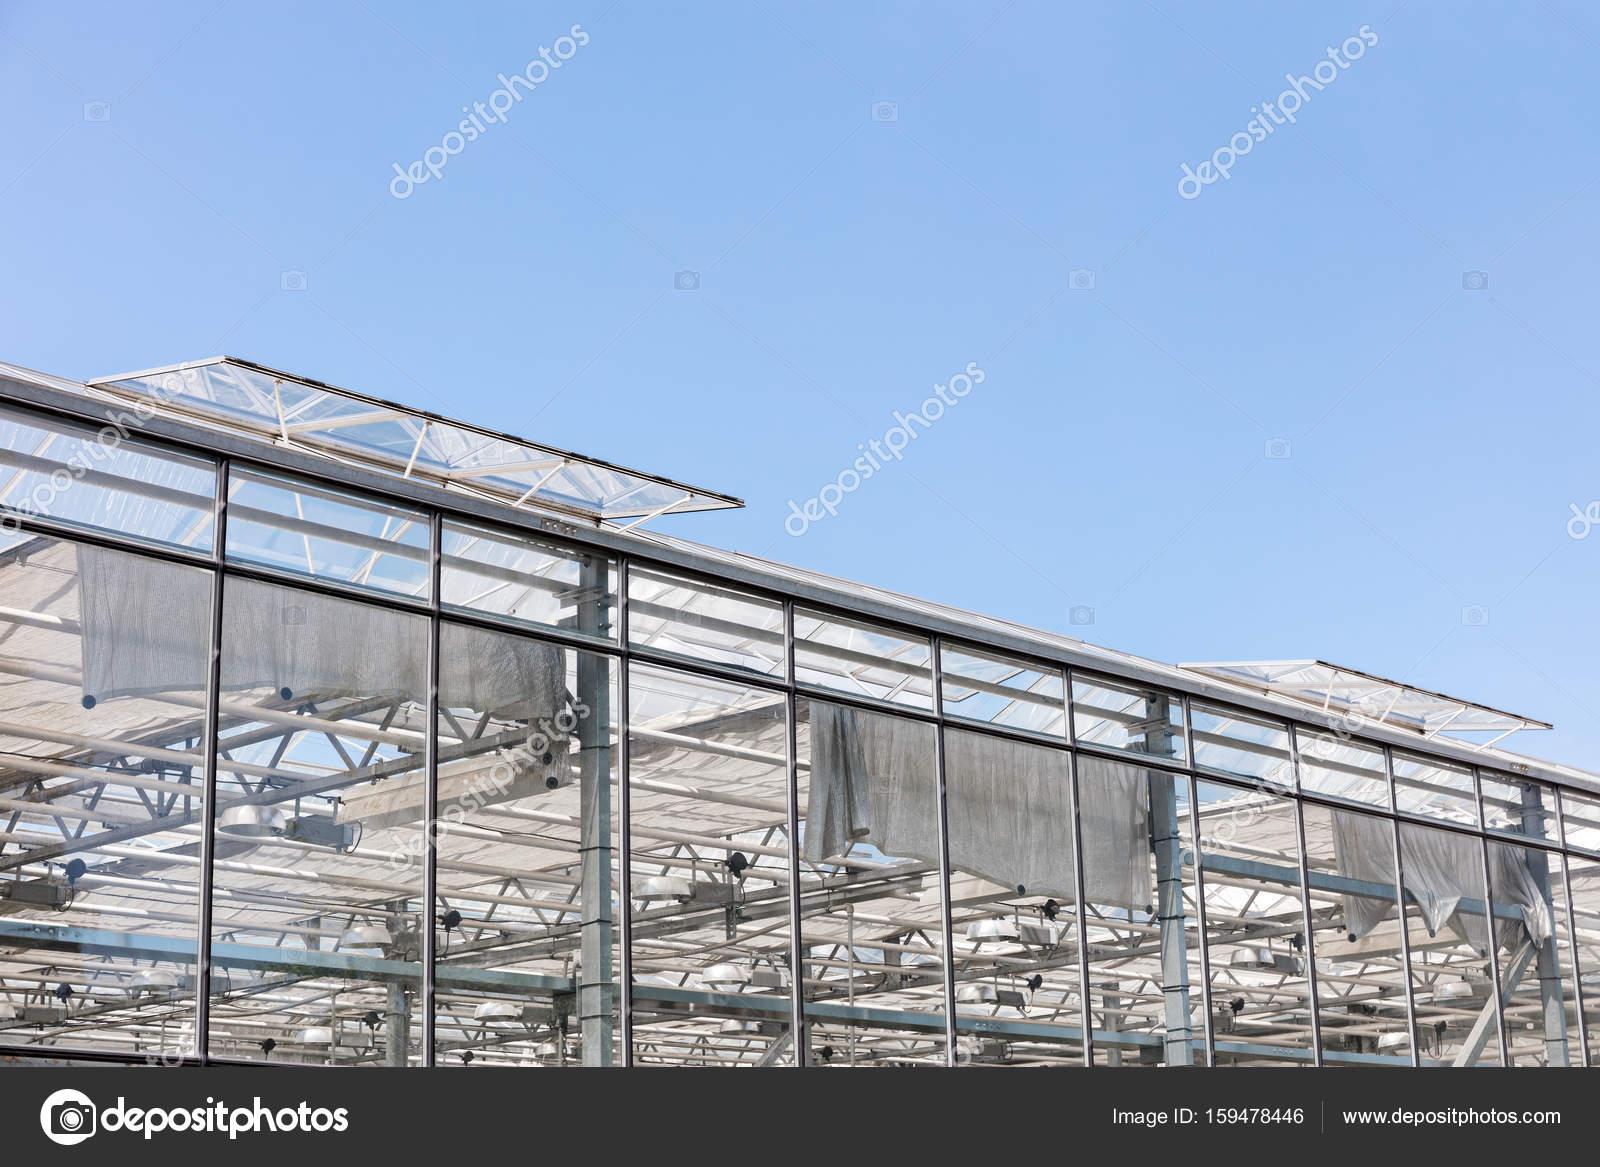 Gewachshaus Mit Offenen Fenster Zum Luften Gegen Blauen Himmel